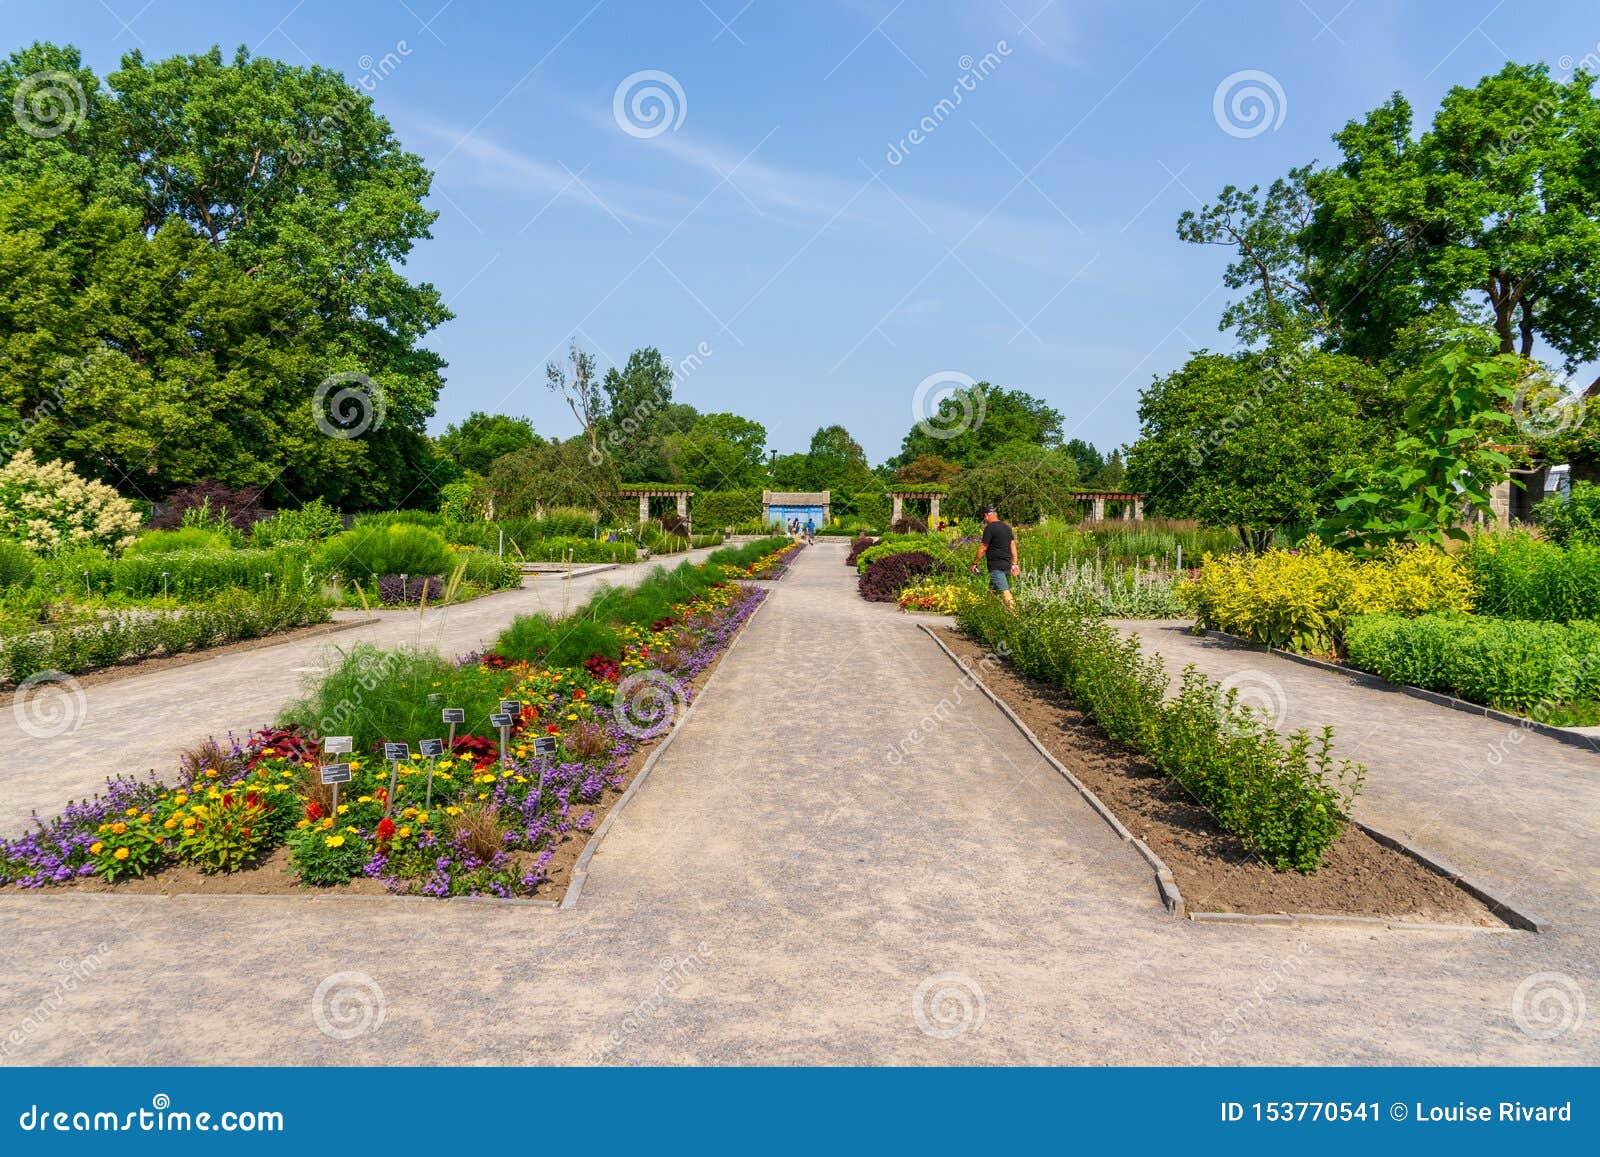 Jardin botanique de Montréal en juillet